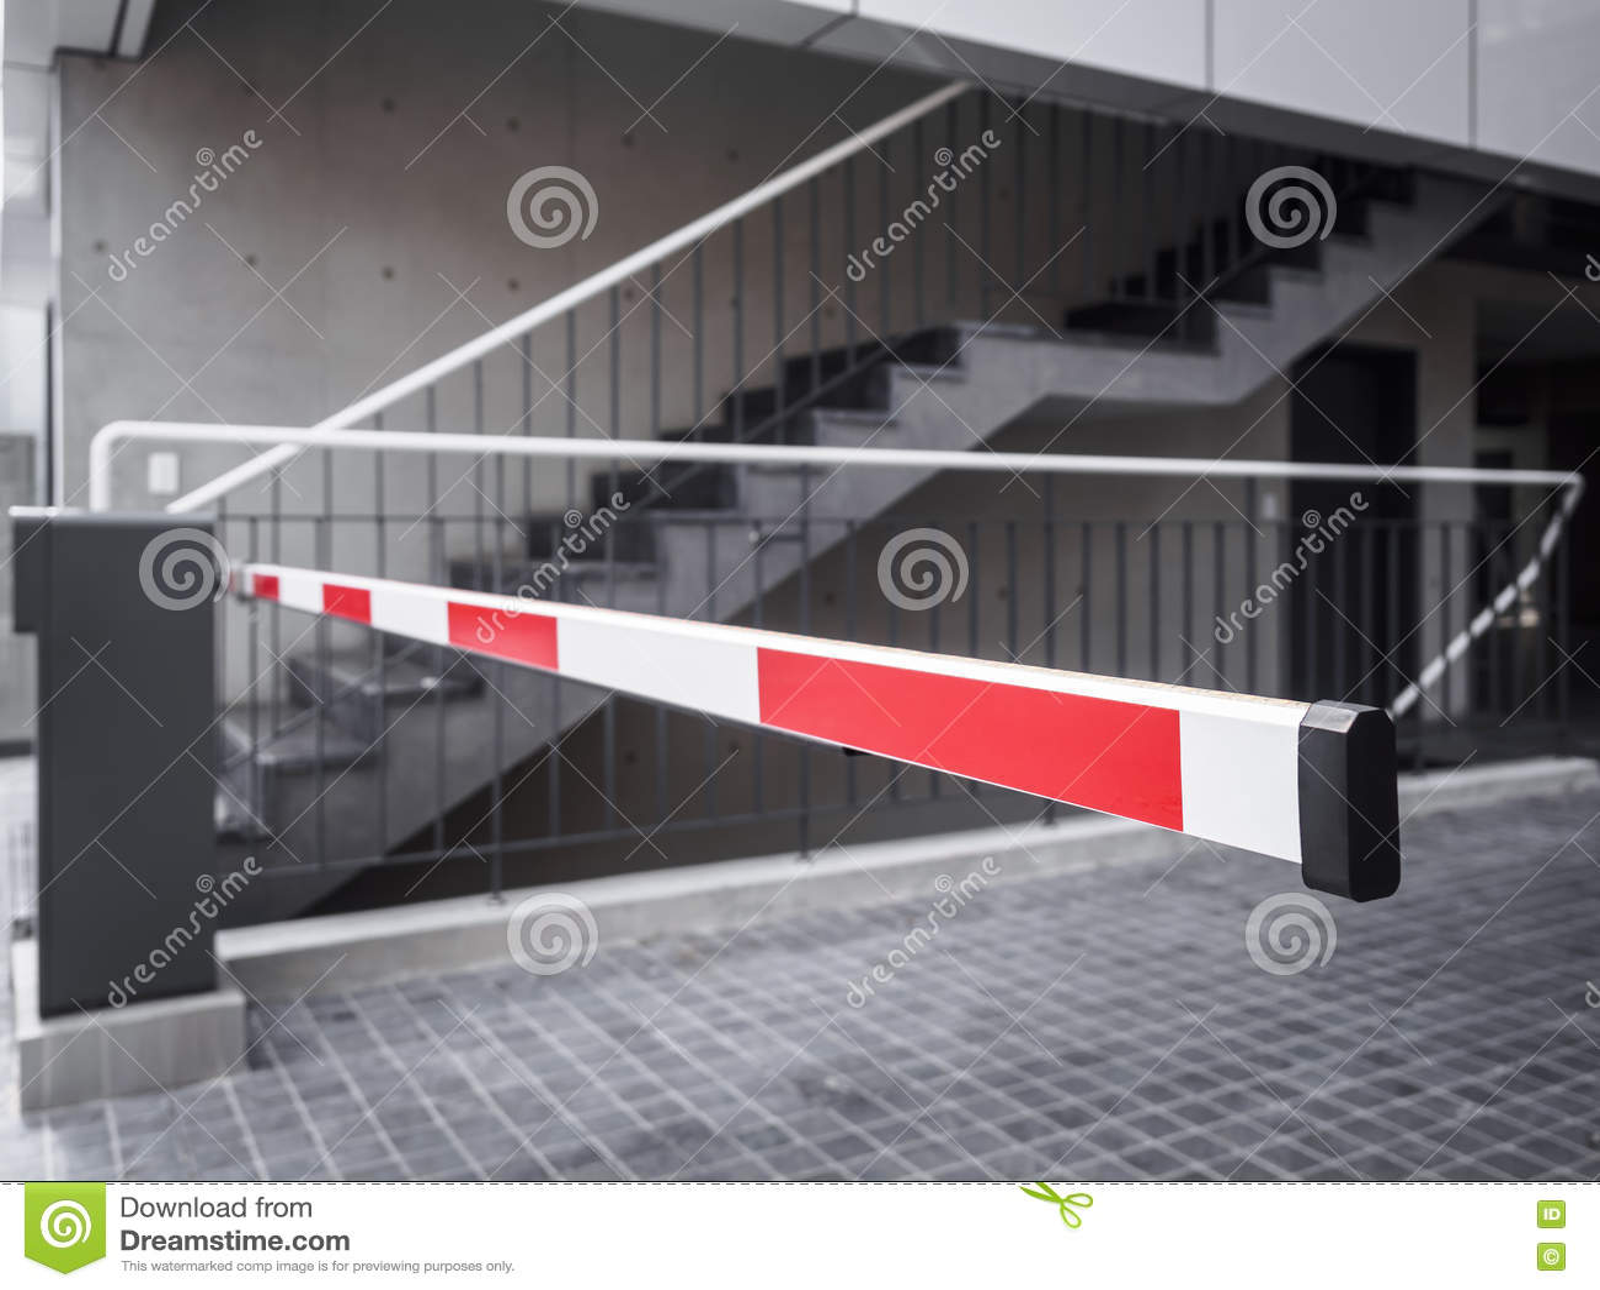 Automatic gate barrier parking lot building entrance